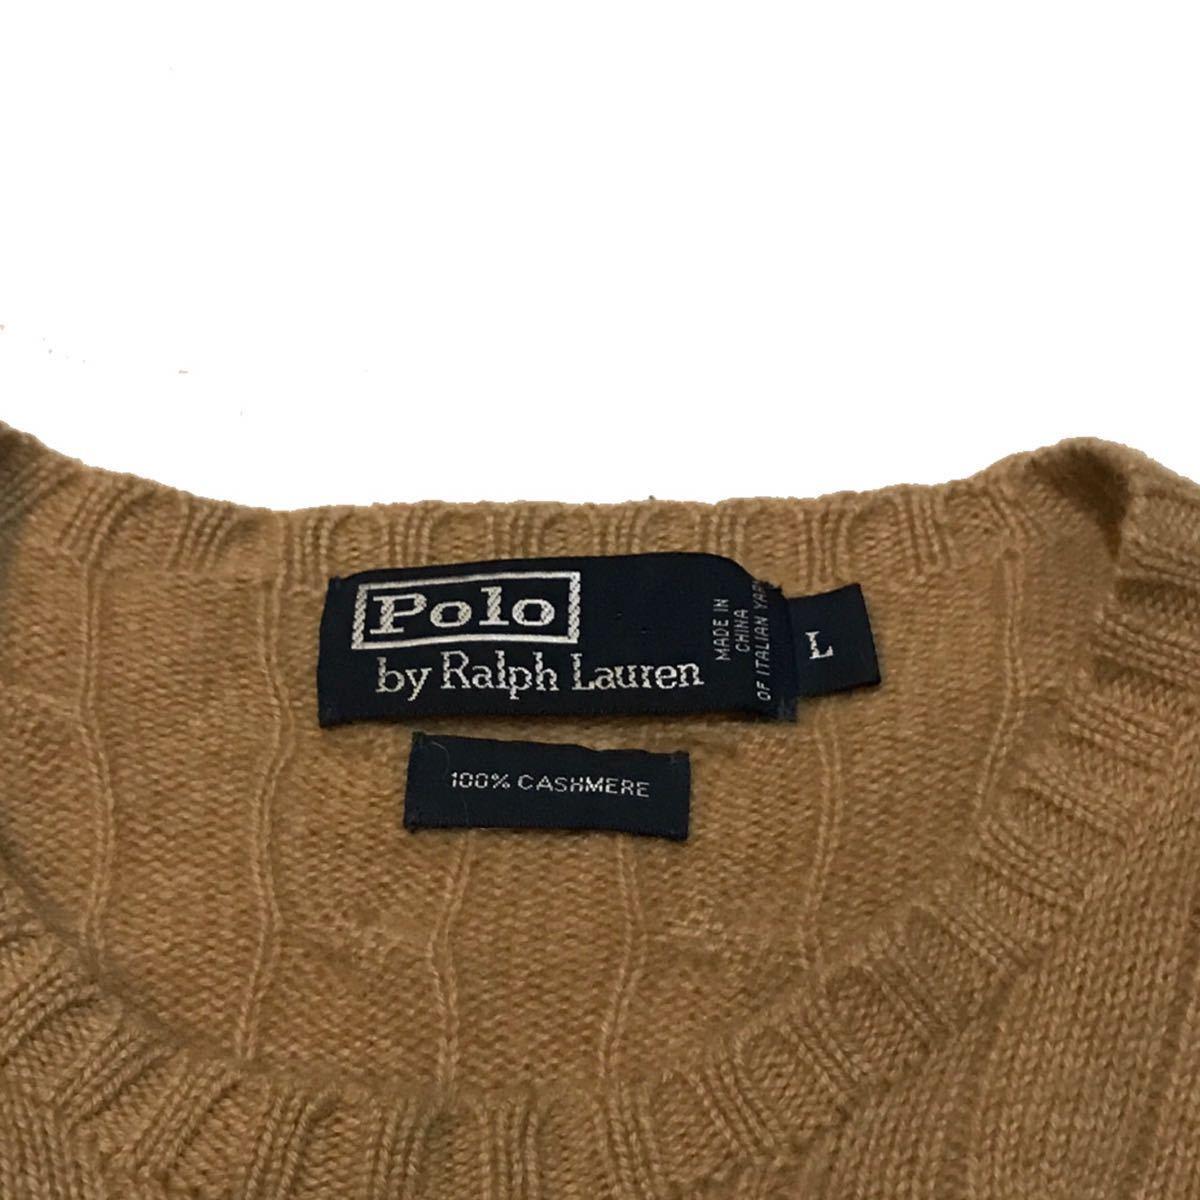 90's POLO by Ralph Lauren ラルフローレン カシミア ニット セーター キャメル アランニット ケーブル編み US古着 サイズL_画像5